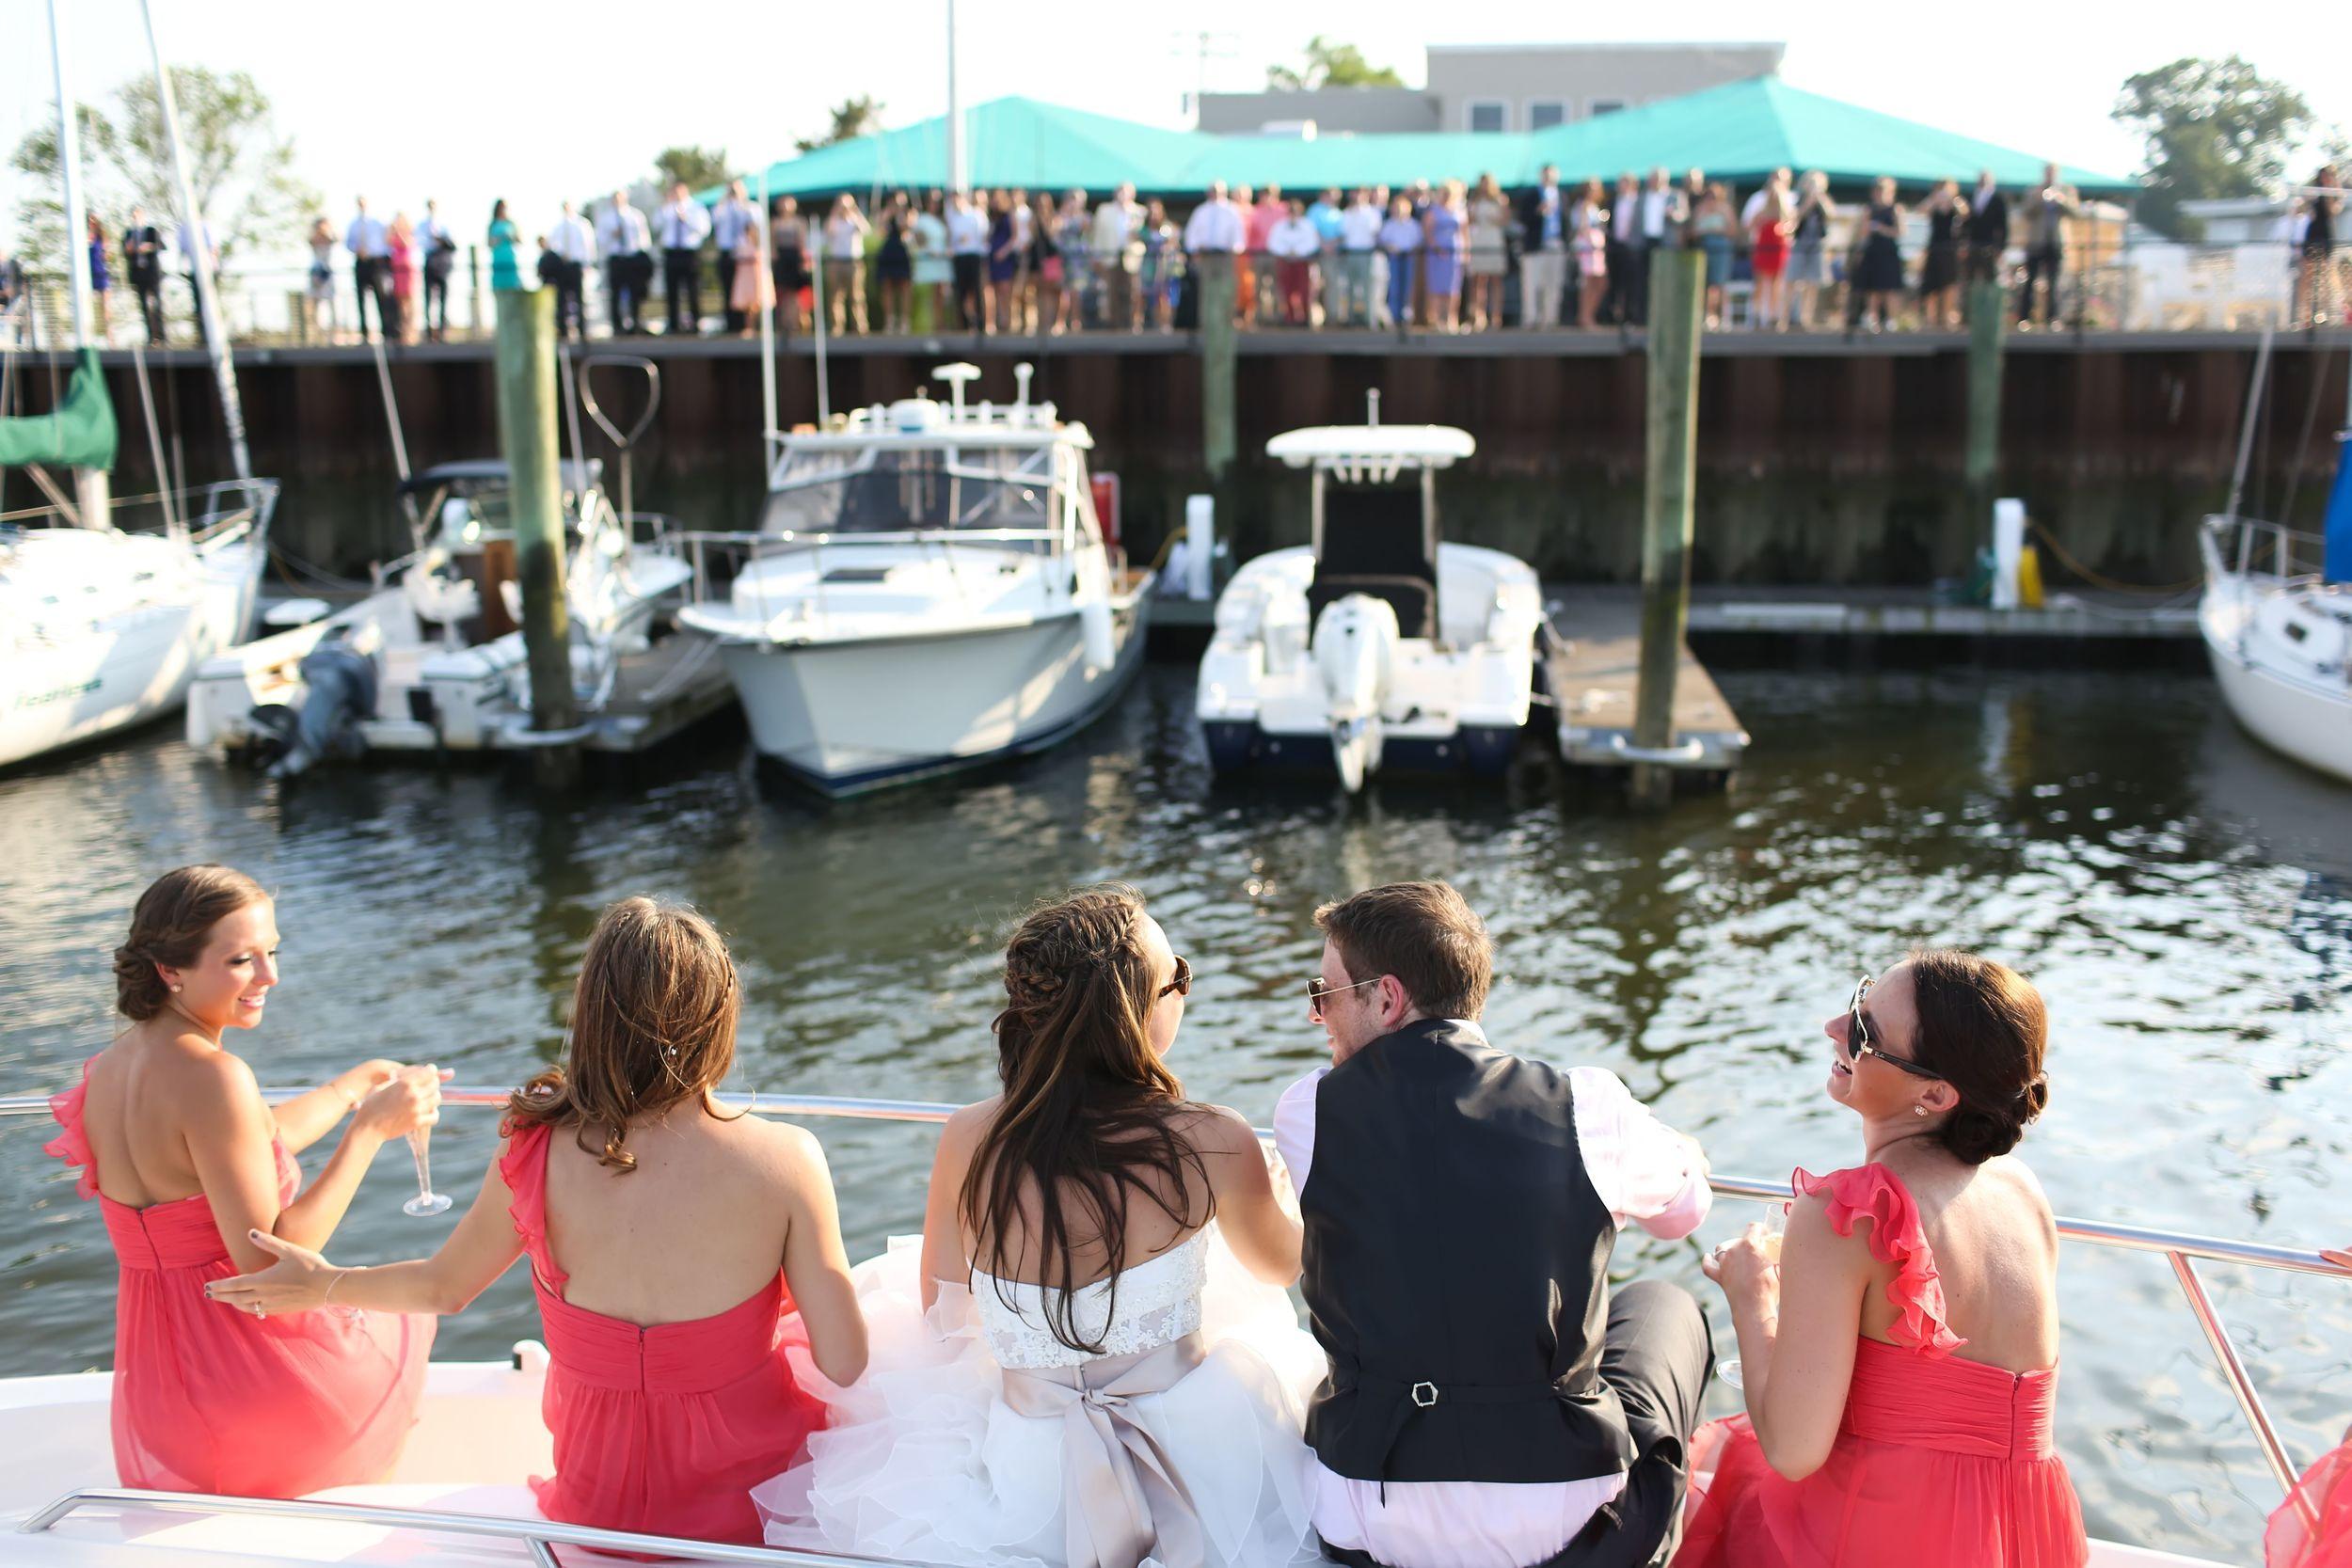 Milford Yacht Club Wedding Fairfield County Wedding Amy Champagne Events33.jpg